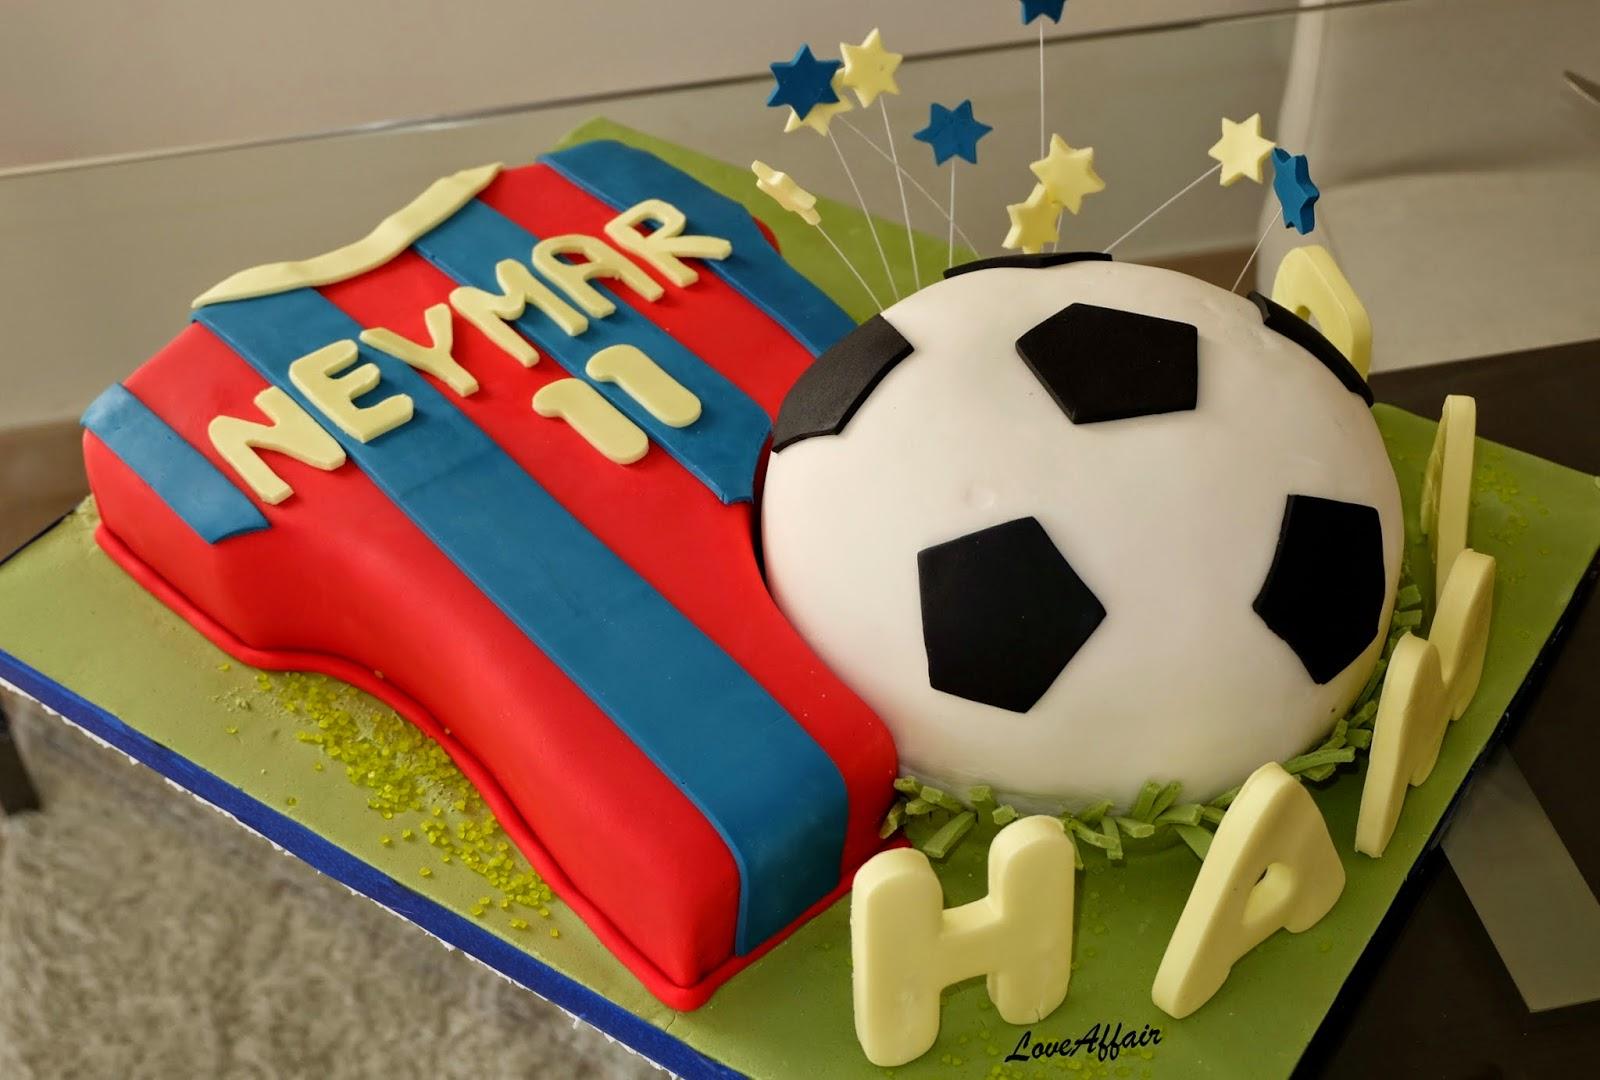 Loveaffair Cakes By Mirela Cakes